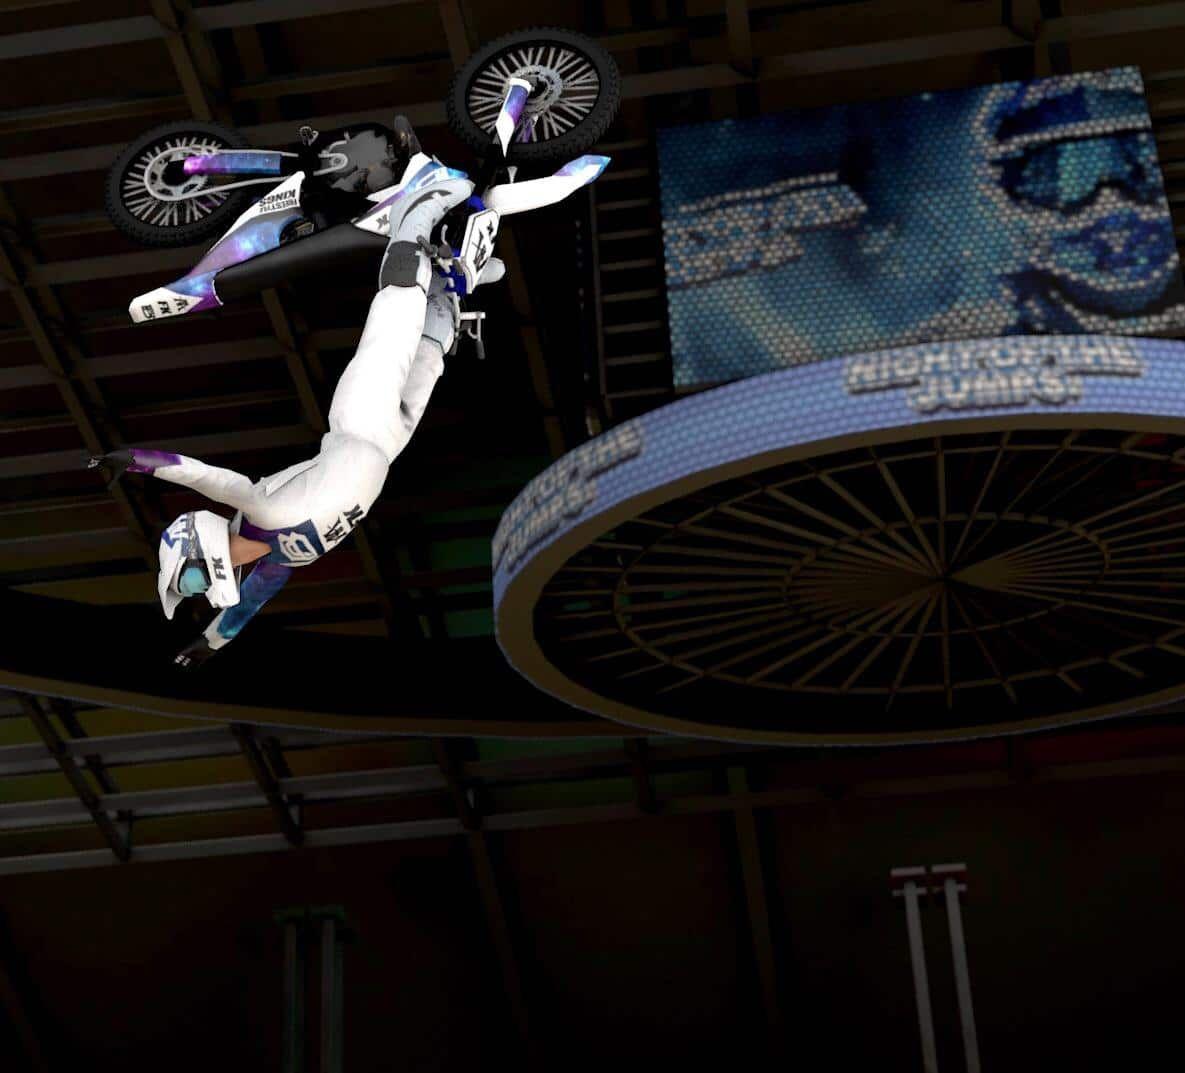 Freestyle Motocross Startet Diesen Samstag Cityguide Weltmeisterschaft Motocross Meisterschaft